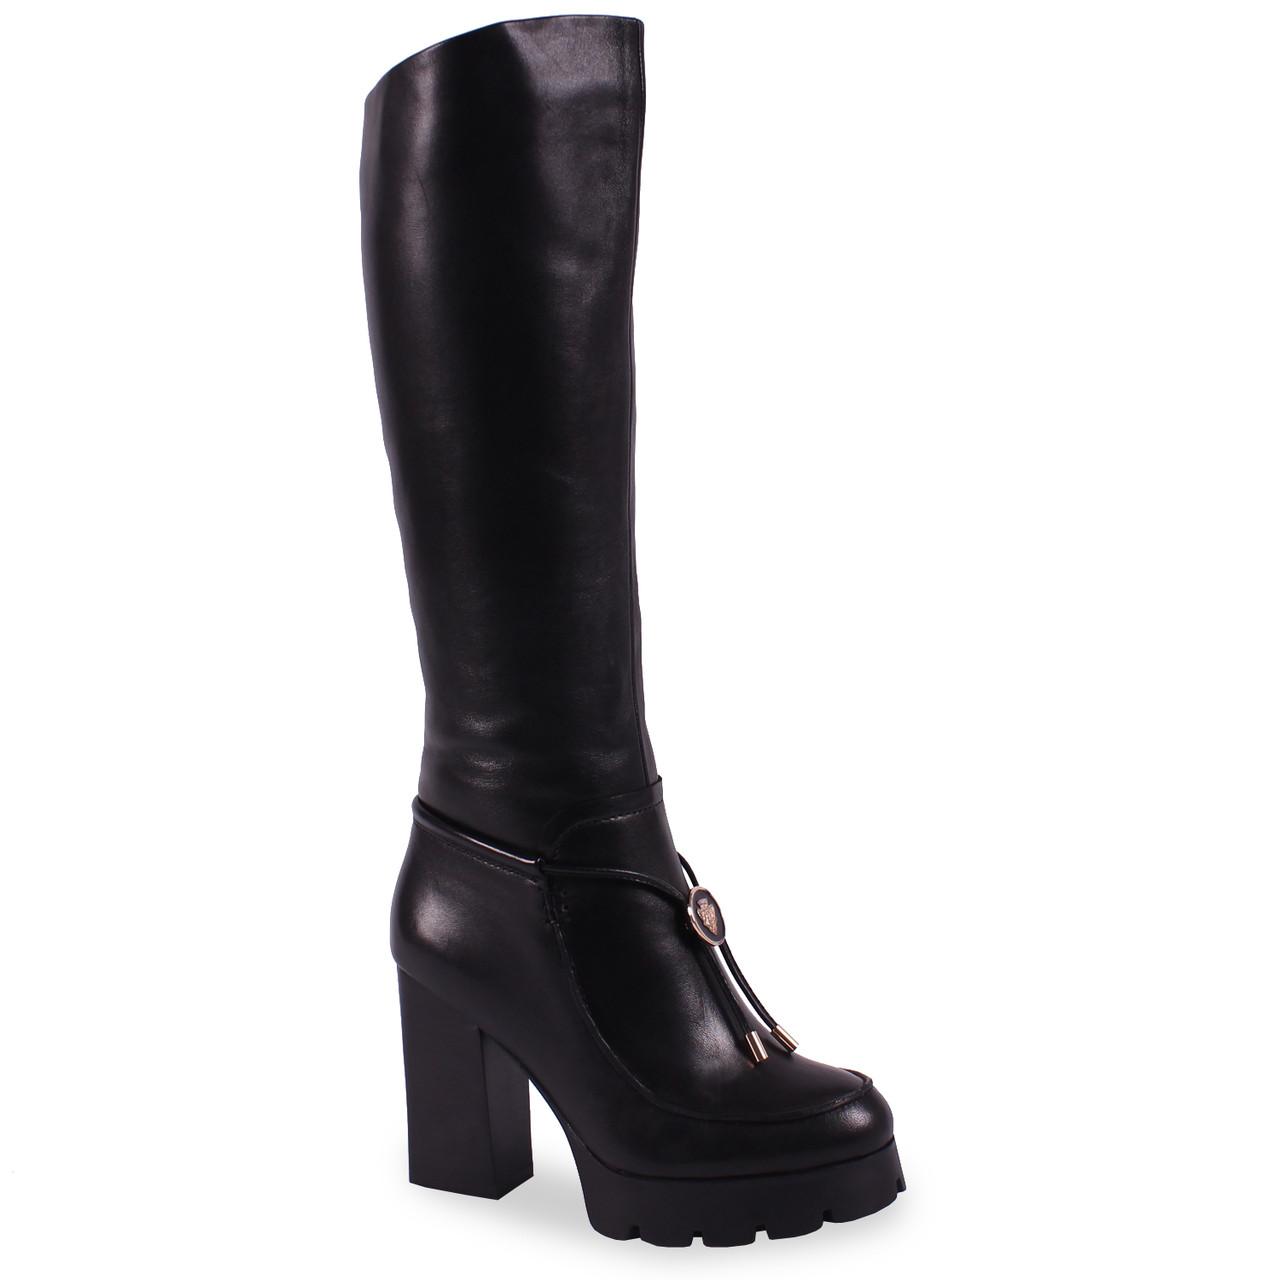 c953701cf188 Купить Стильные женские сапоги Aimeini (зимние, кожаные, черные, на  платформе, на ...